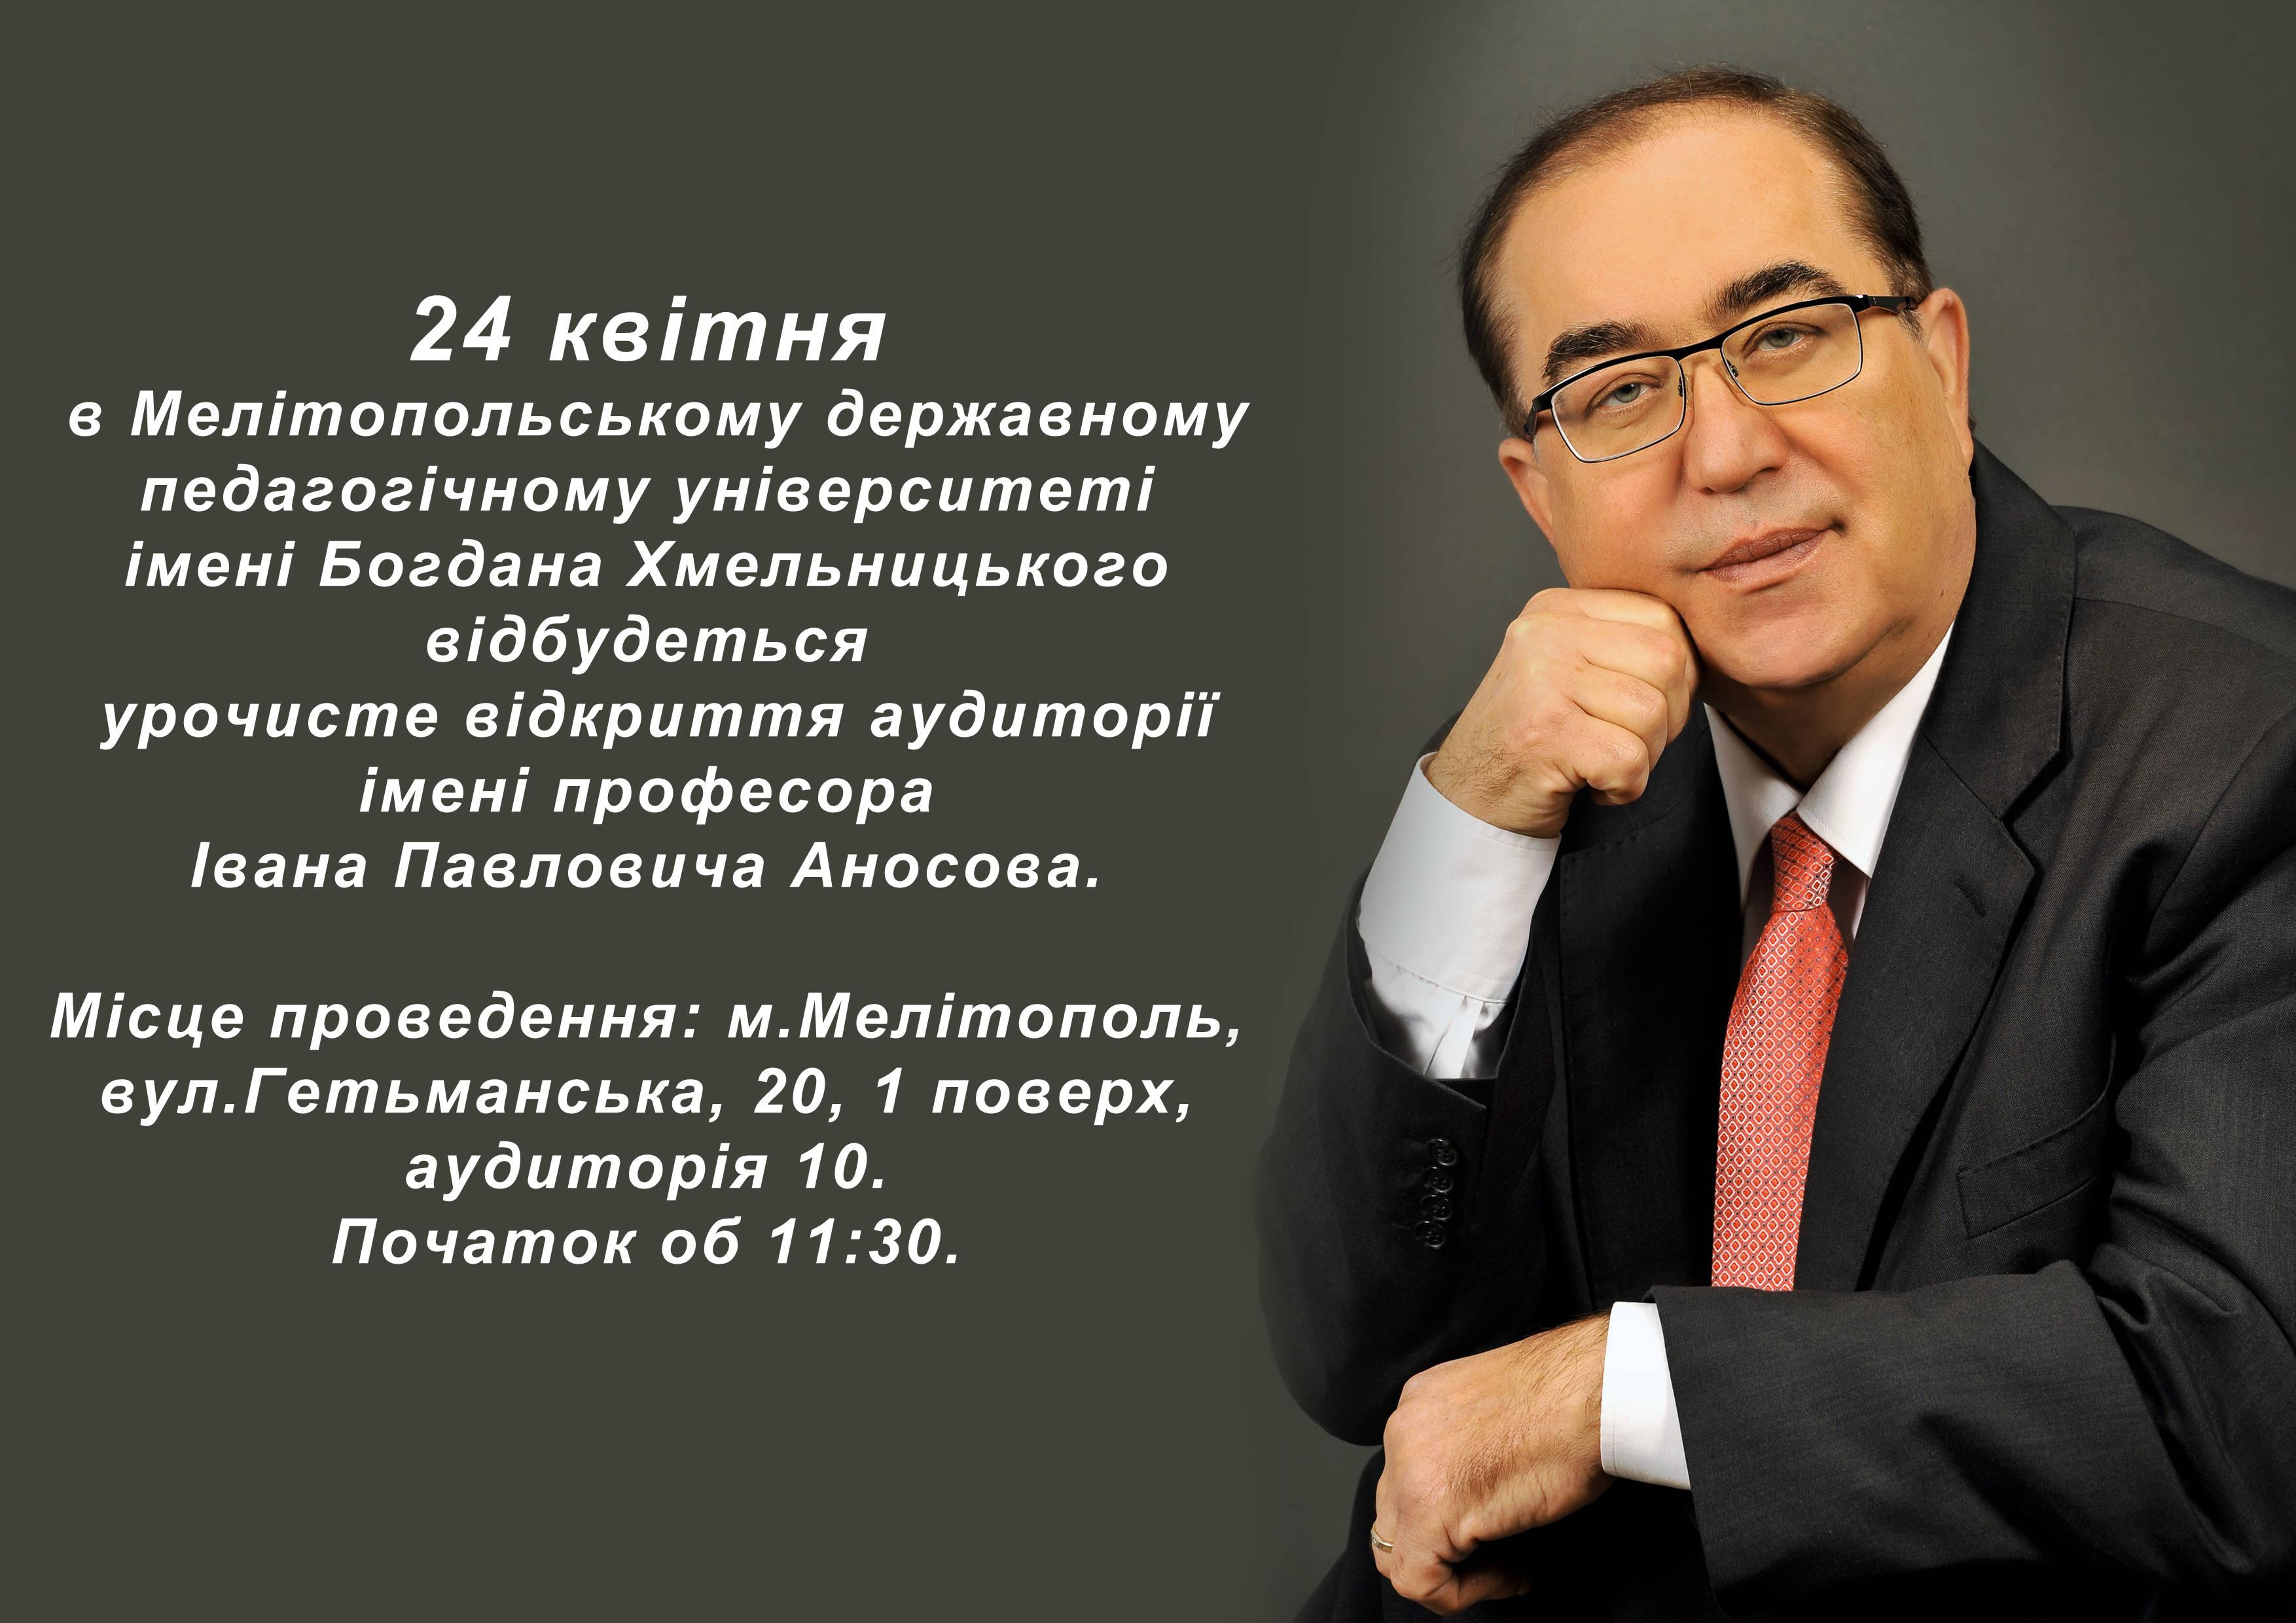 МДПУ запрошує на урочисте відкриття аудиторії імені І.П.Аносова